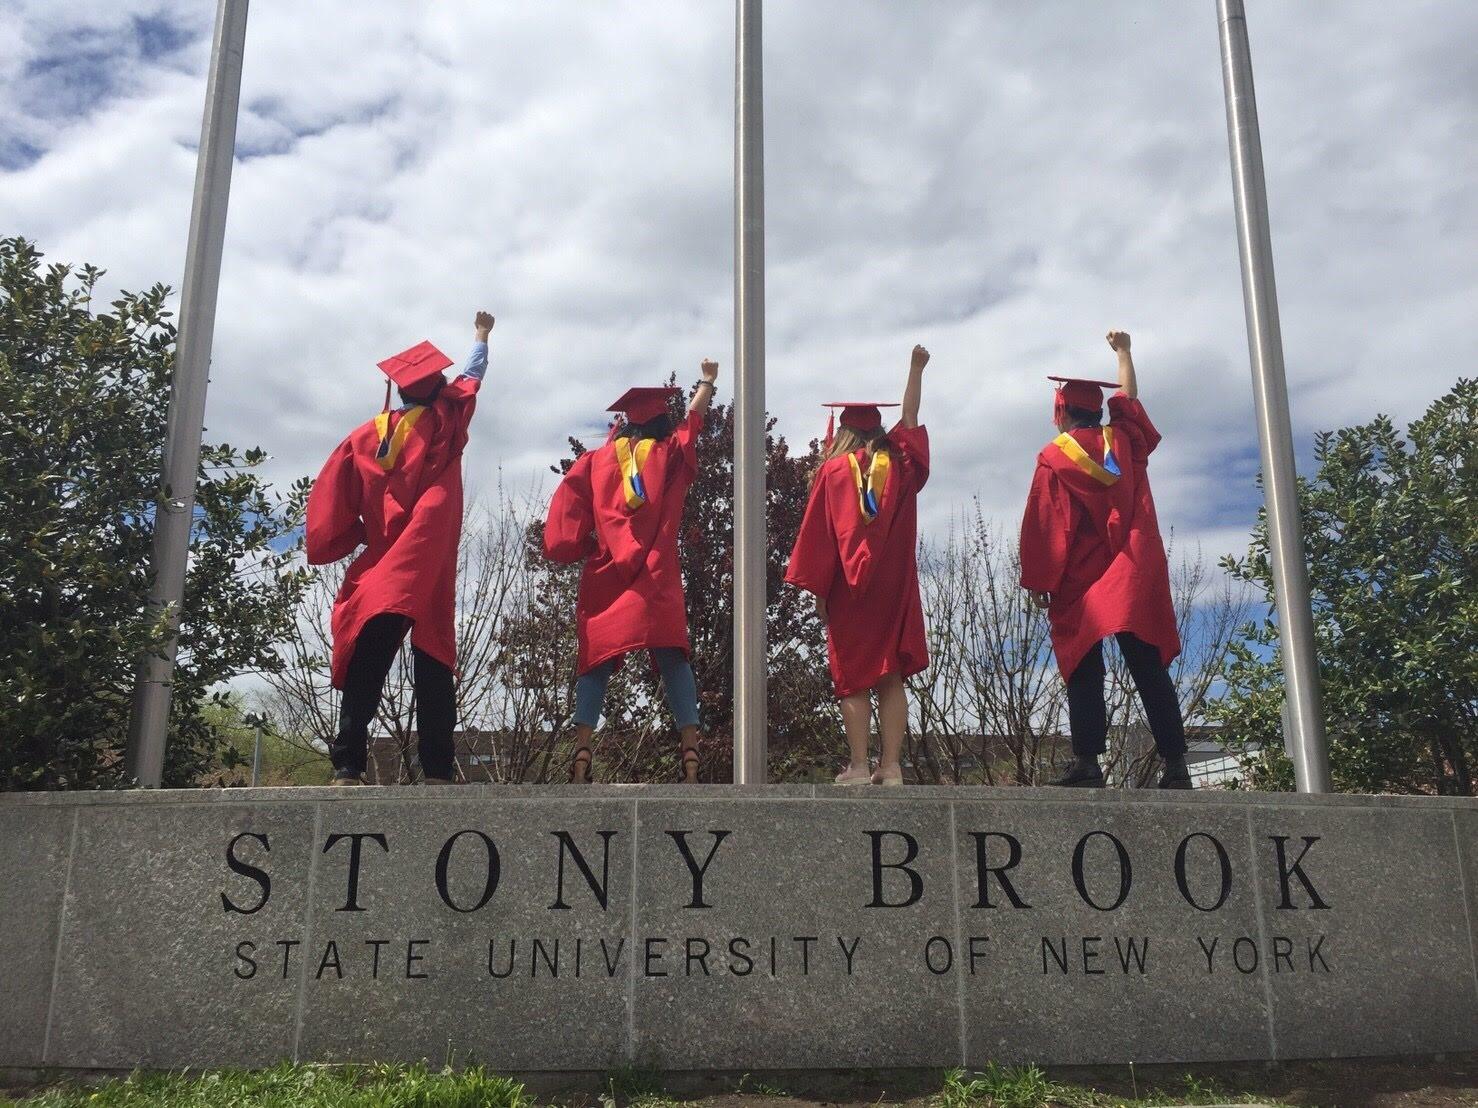 ストーニーブルック大学での卒業写真